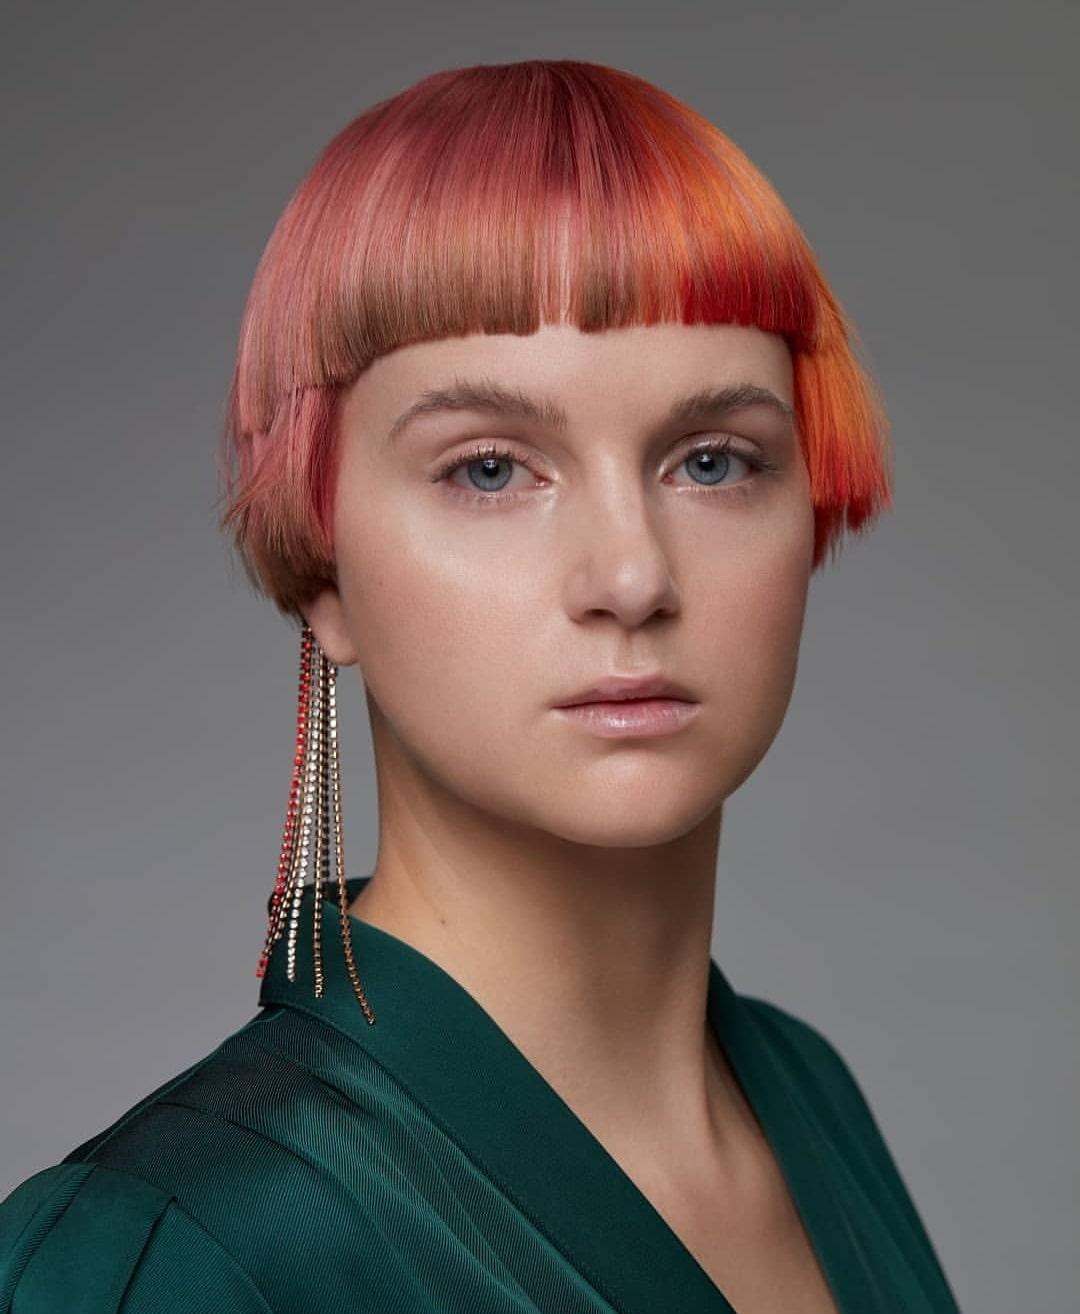 Frau Schneider Hairstyling in Wien - Haare Schneiden und Färben